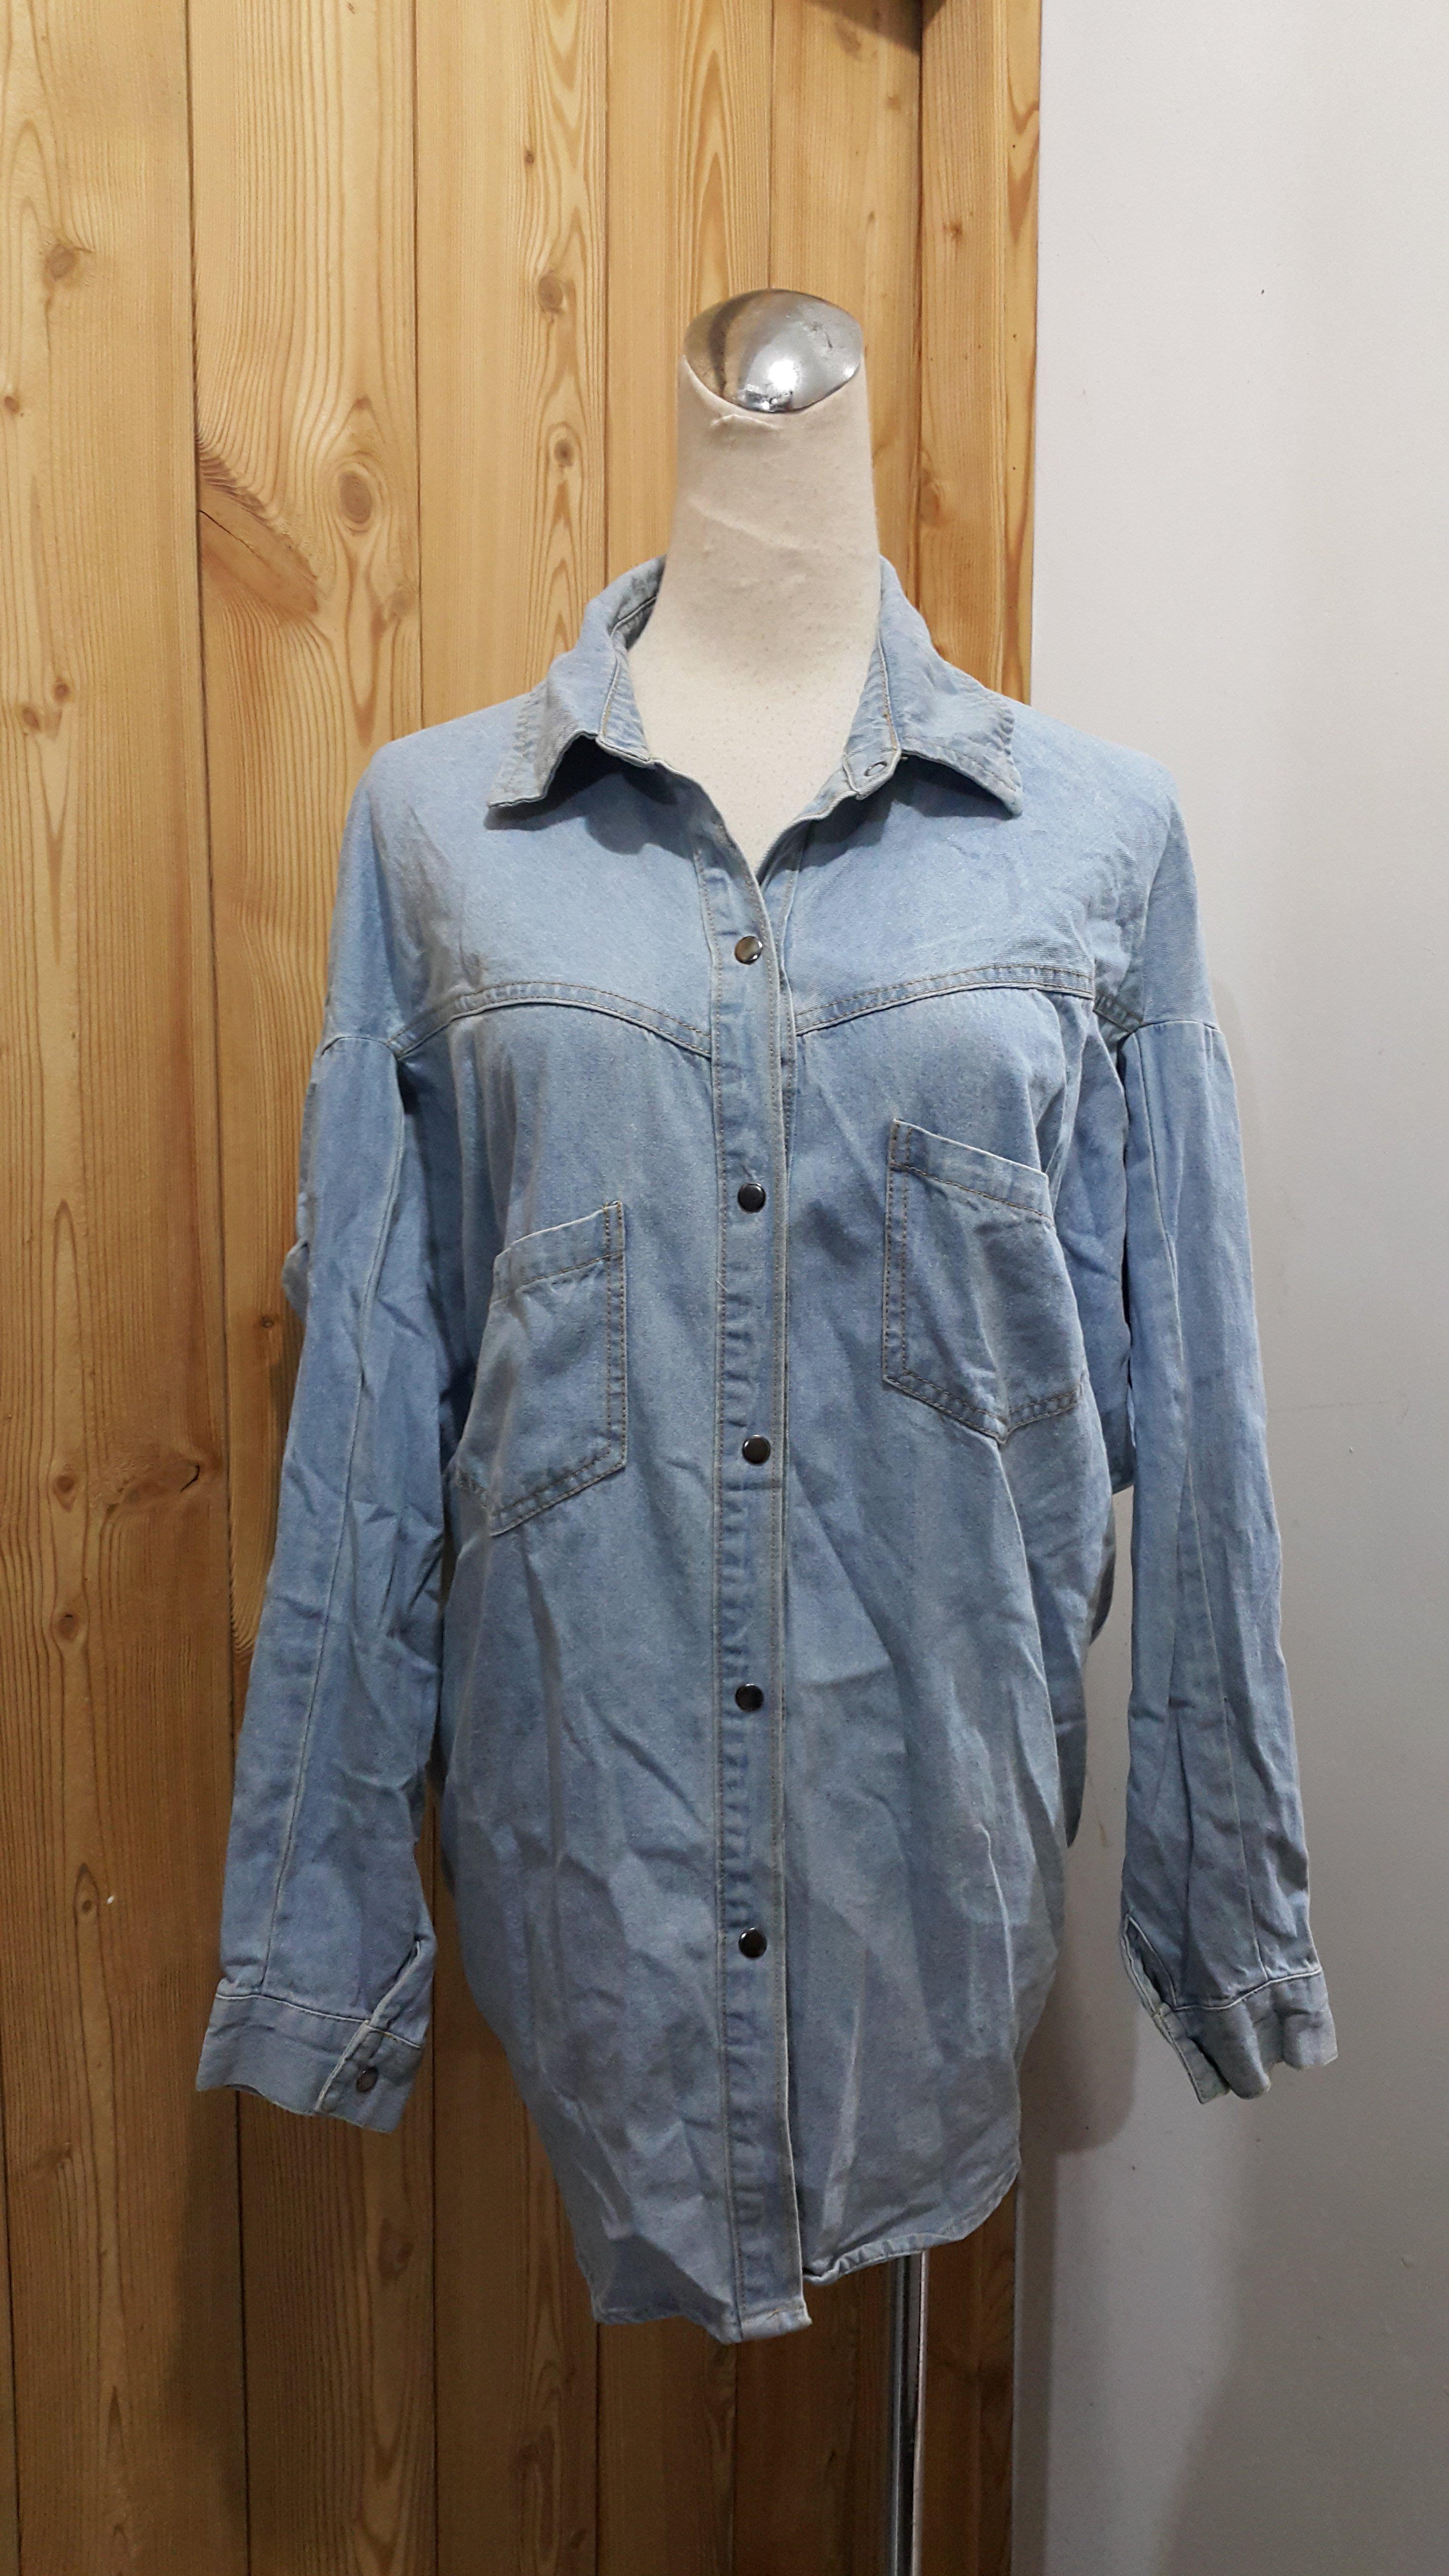 【二手】淺藍色前短後長後綁帶丹寧襯衫/小外套